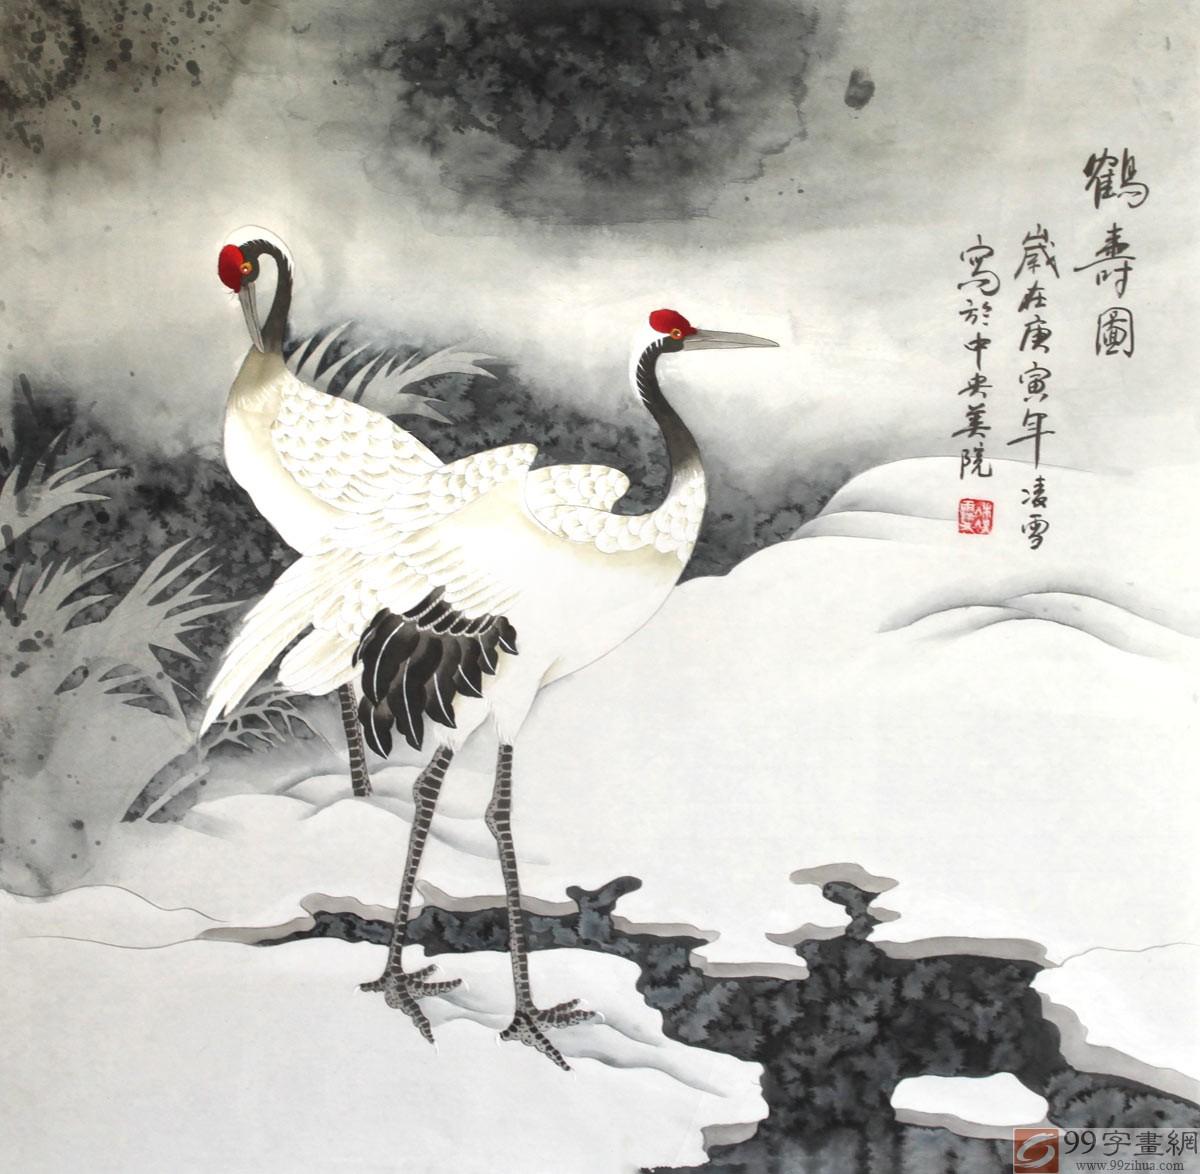 金鸿博客_祝寿国画《鹤寿图》 - 松鹤图 - 99字画网